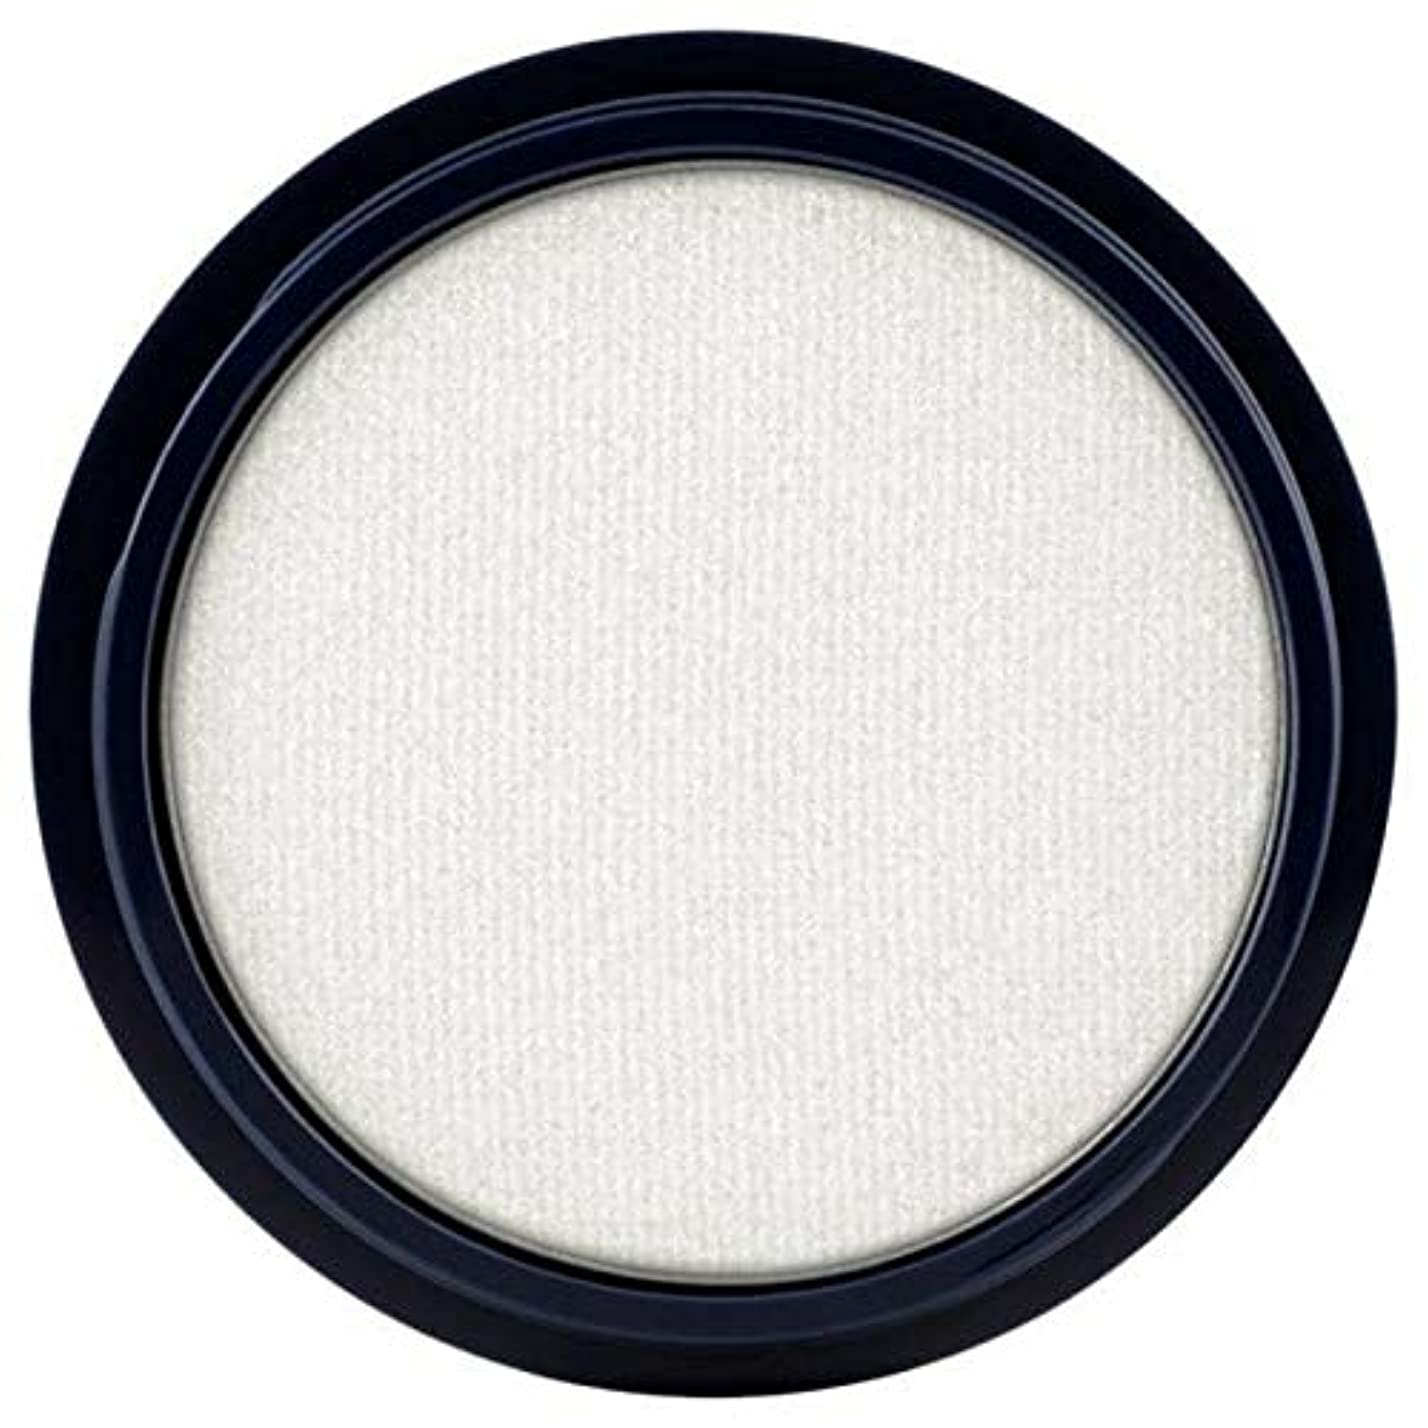 旋律的バイアス模索[Max Factor ] 白35 Definatマックスファクター野生シャドウアイシャドウポット - Max Factor Wild Shadow Eyeshadow Pot Definat White 35 [並行輸入品]